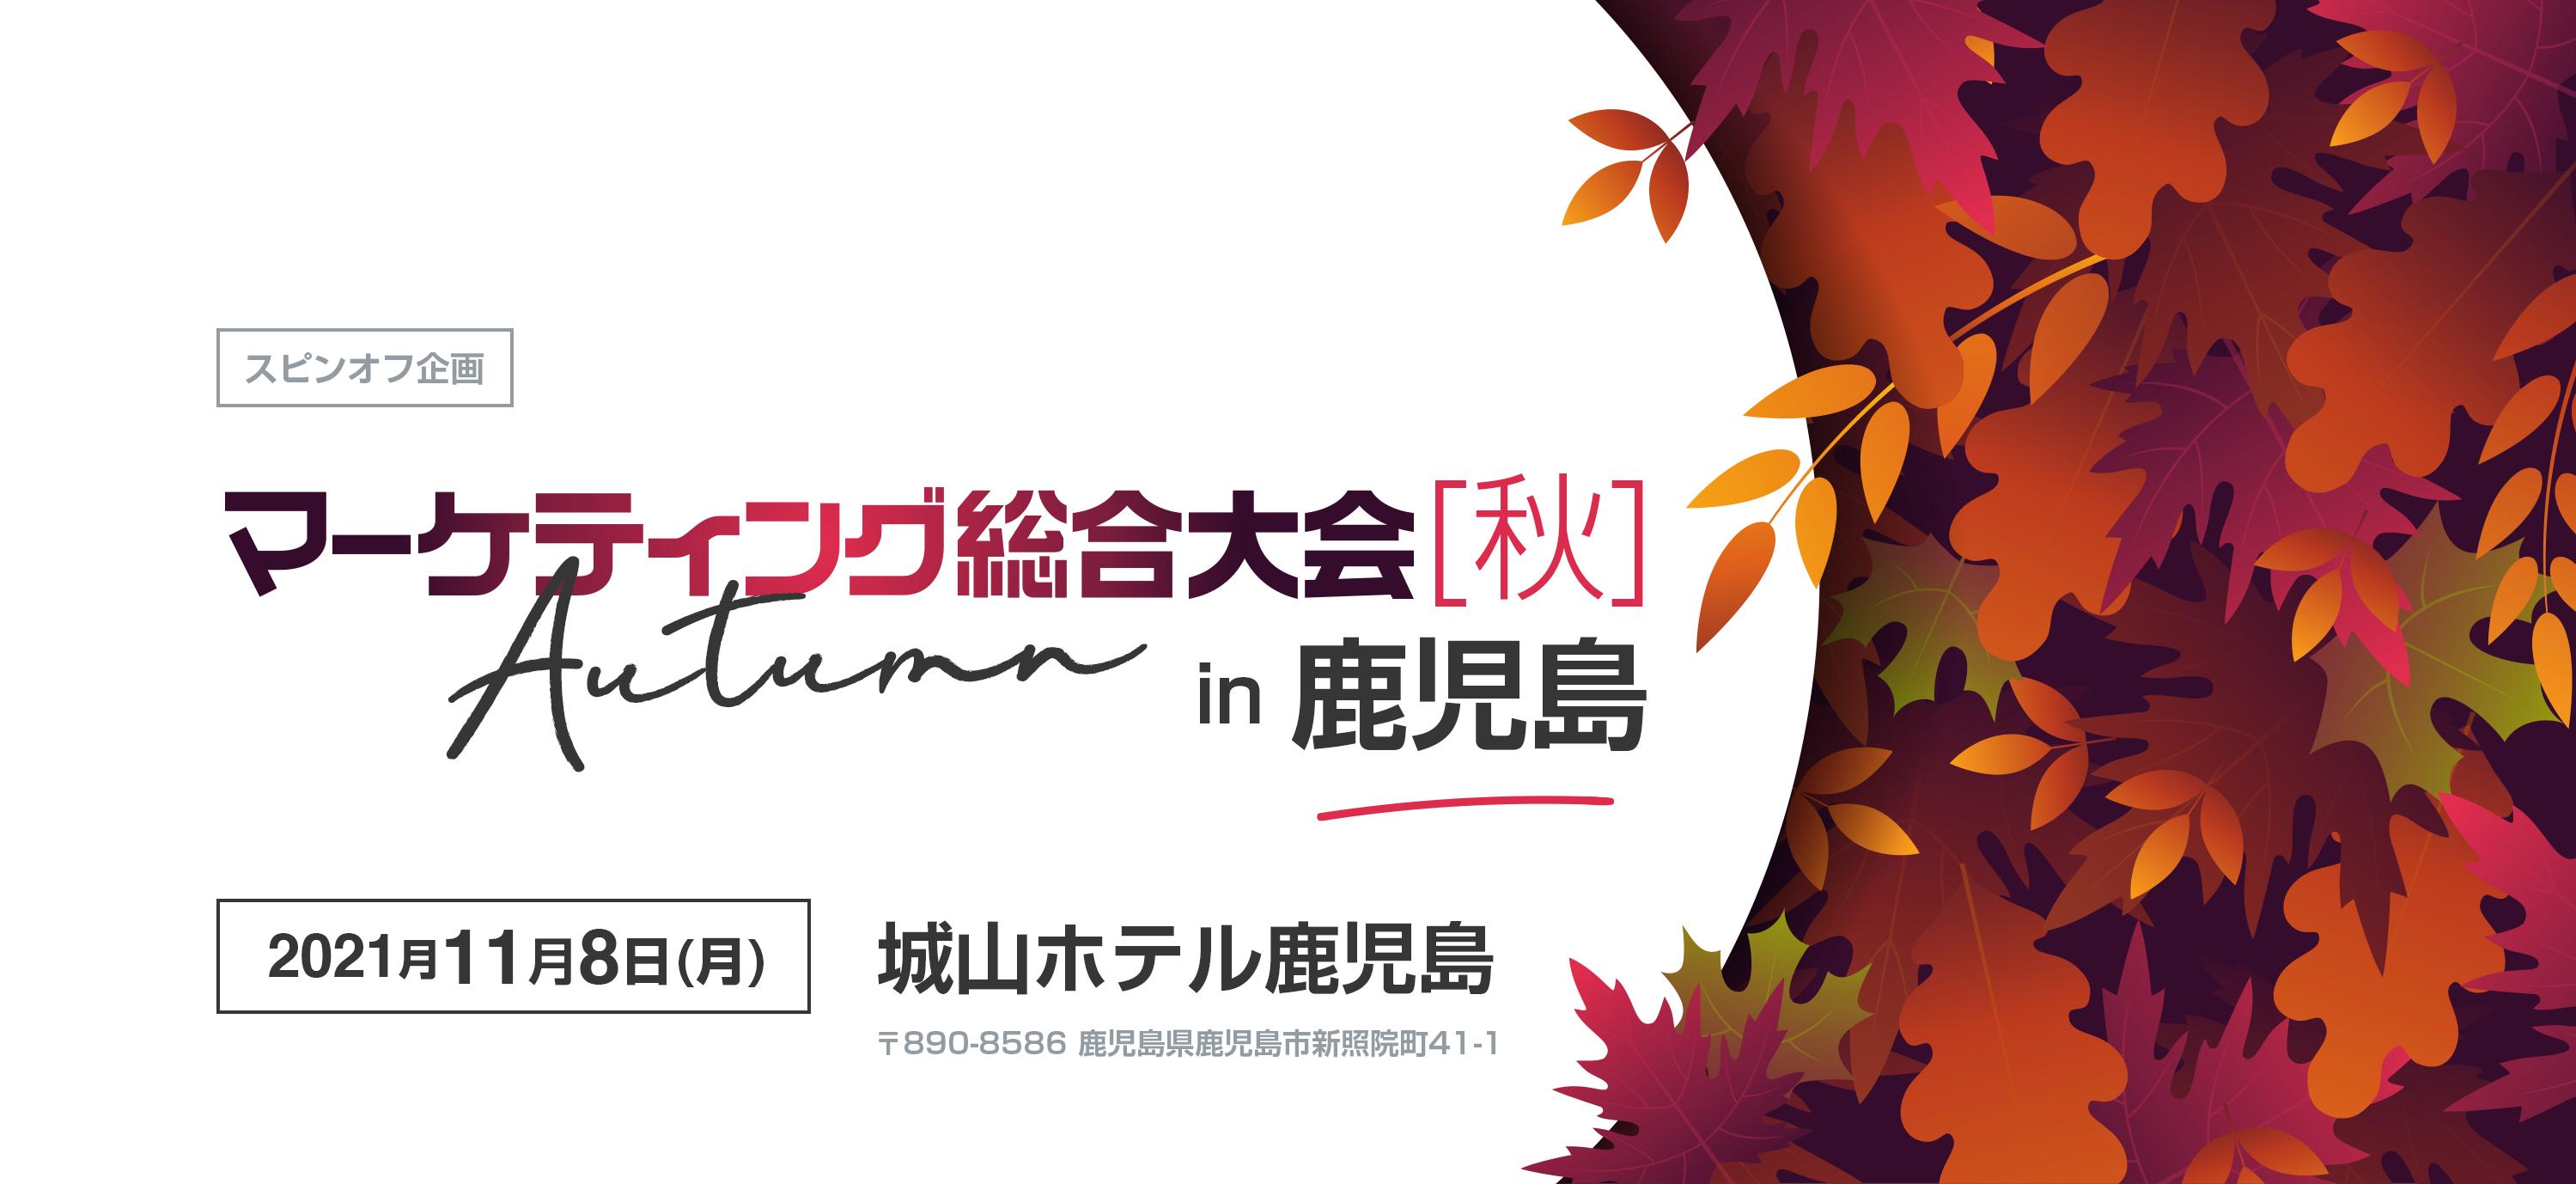 【スピンオフ企画】マーケティング総合大会[秋]in 鹿児島